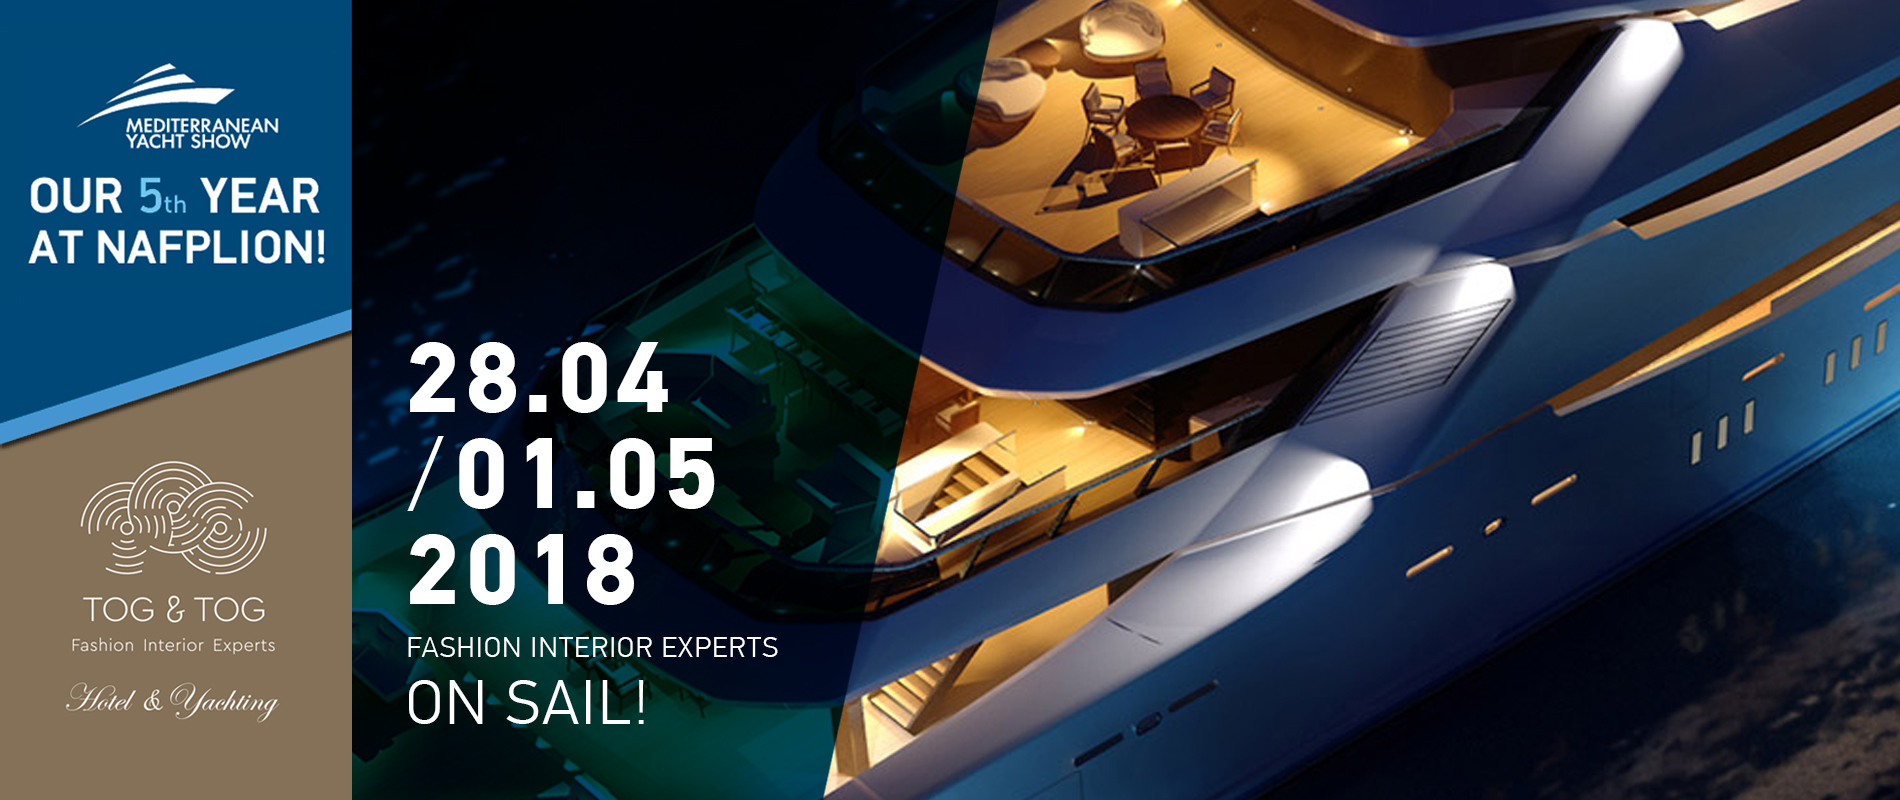 5th Mediterranean Yacht Show 2018